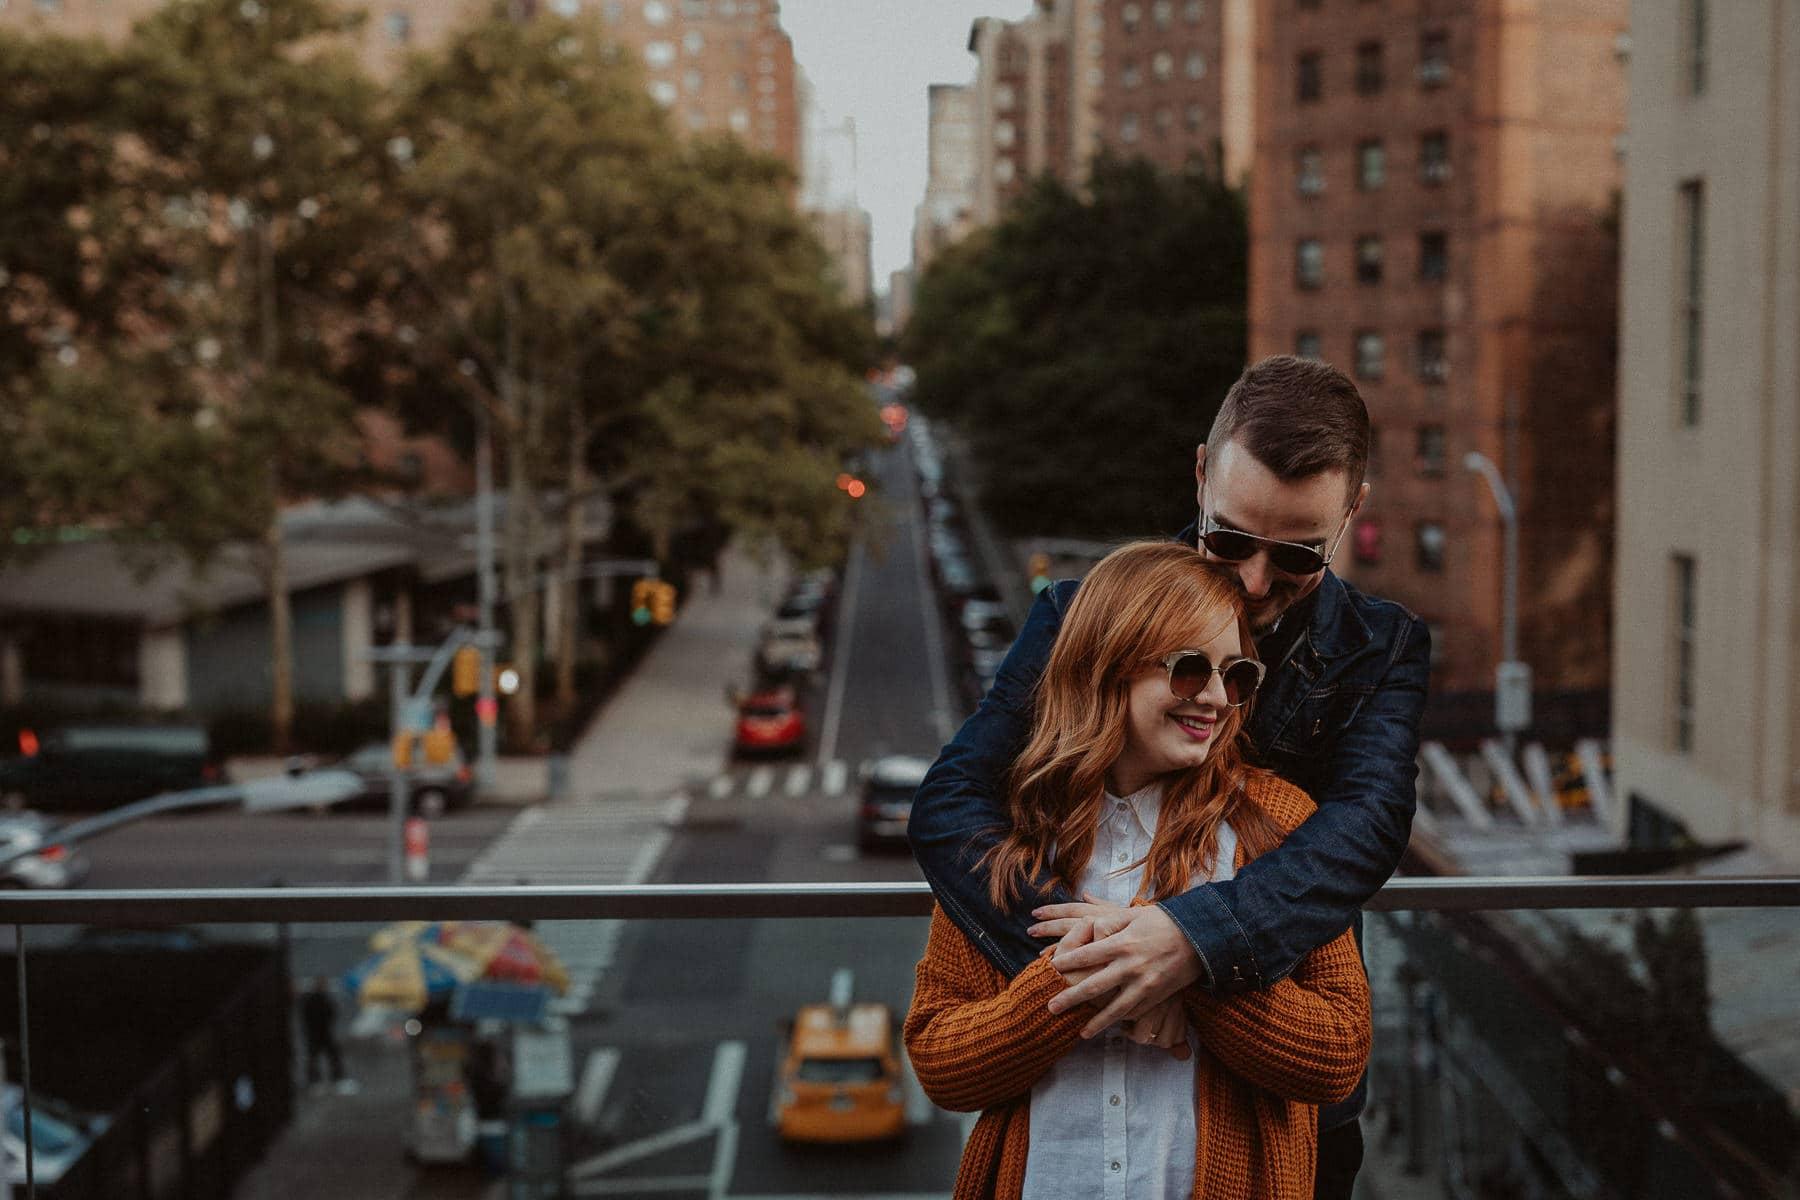 fotografo brasileiro em nova york